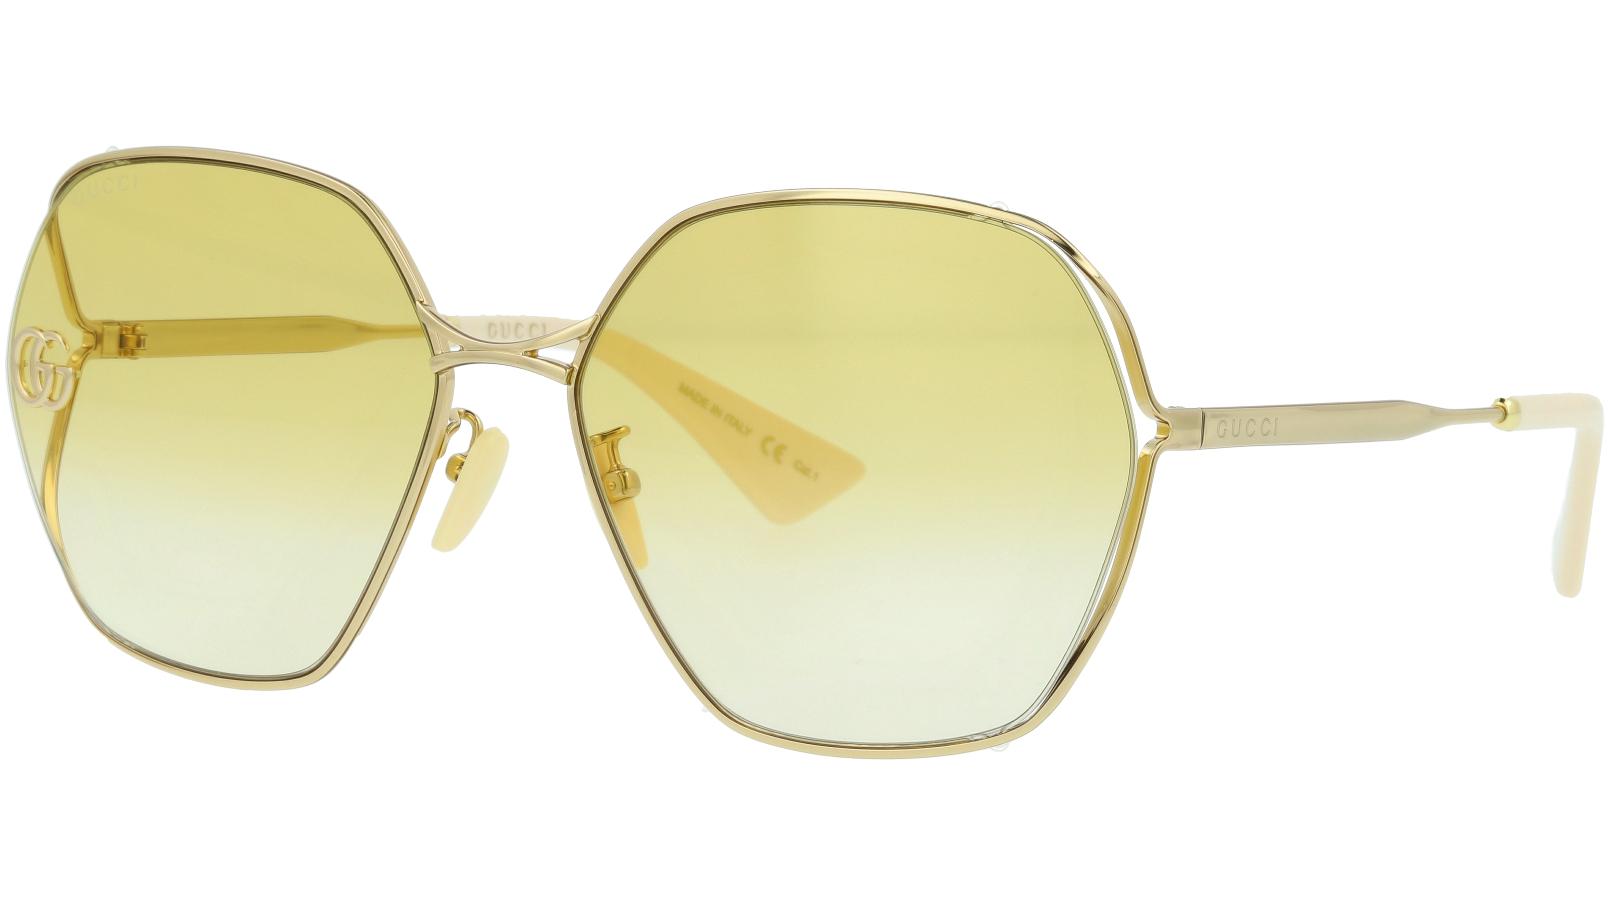 GUCCI GG818SA 004 63 GOLD Sunglasses